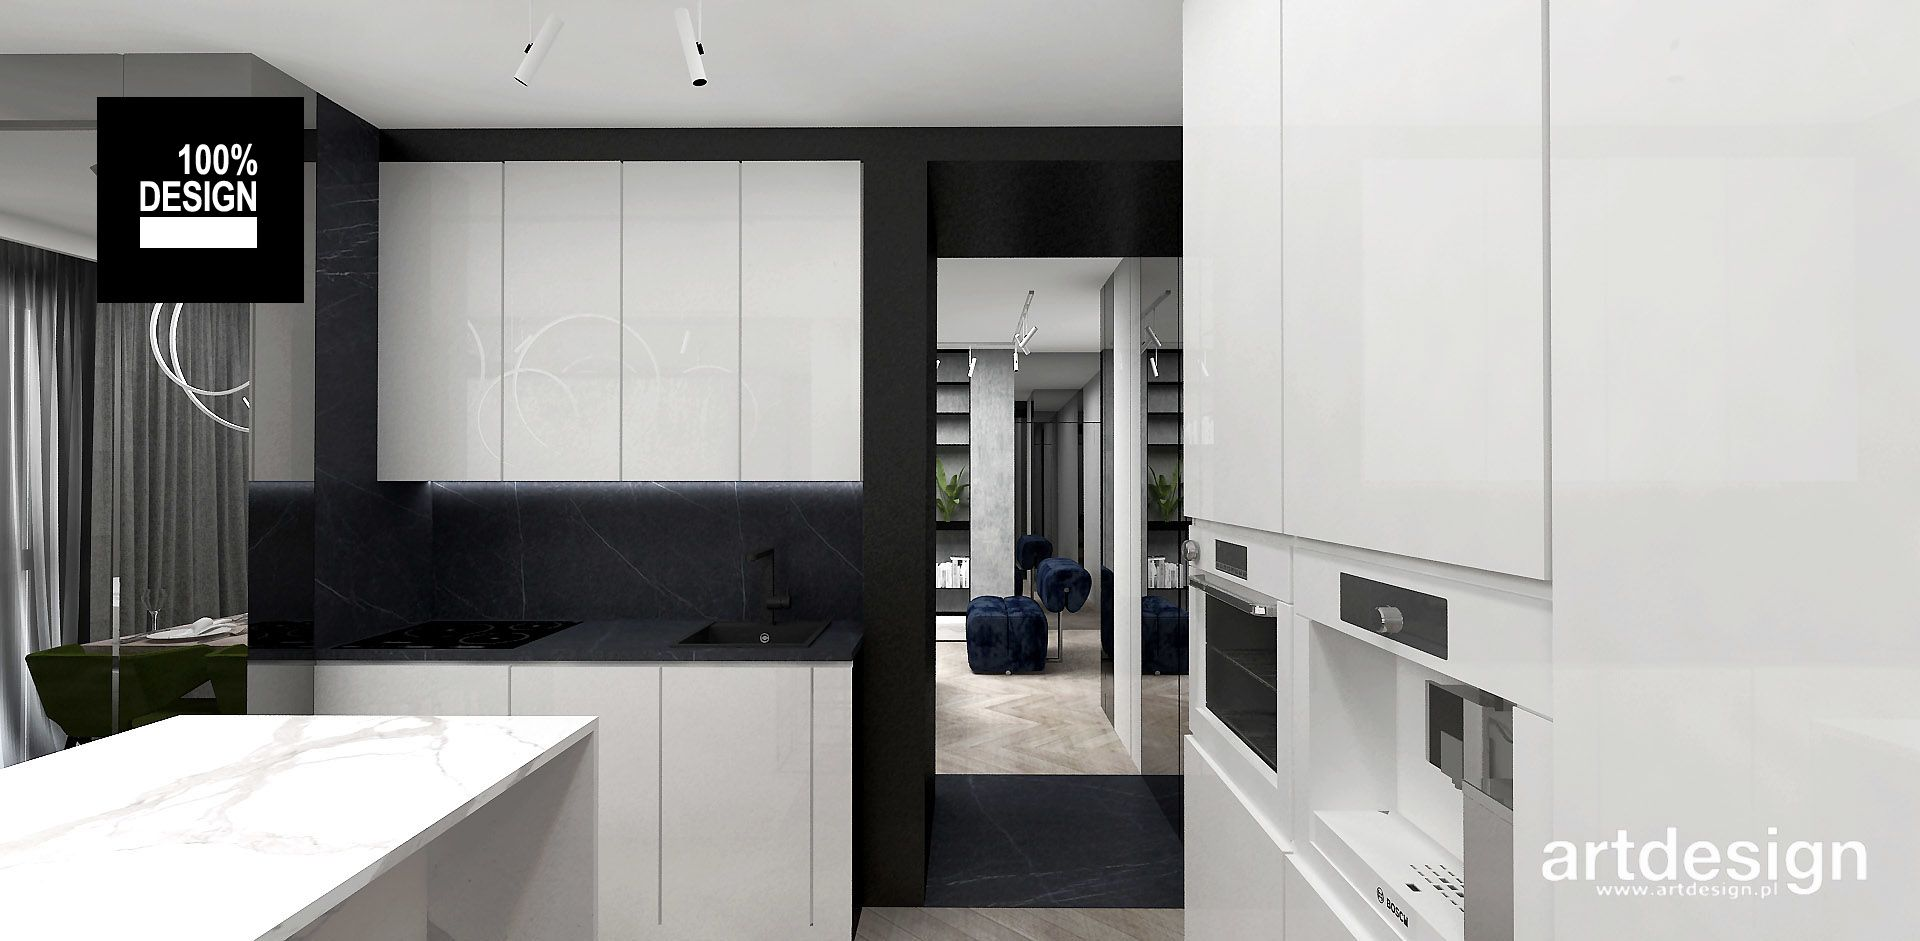 Nowoczesna Kuchnia Wyspa W Kuchni Drewniane Meble Zielone Akcenty W Kuchni White Modern Kitchen Home Decor House Styles